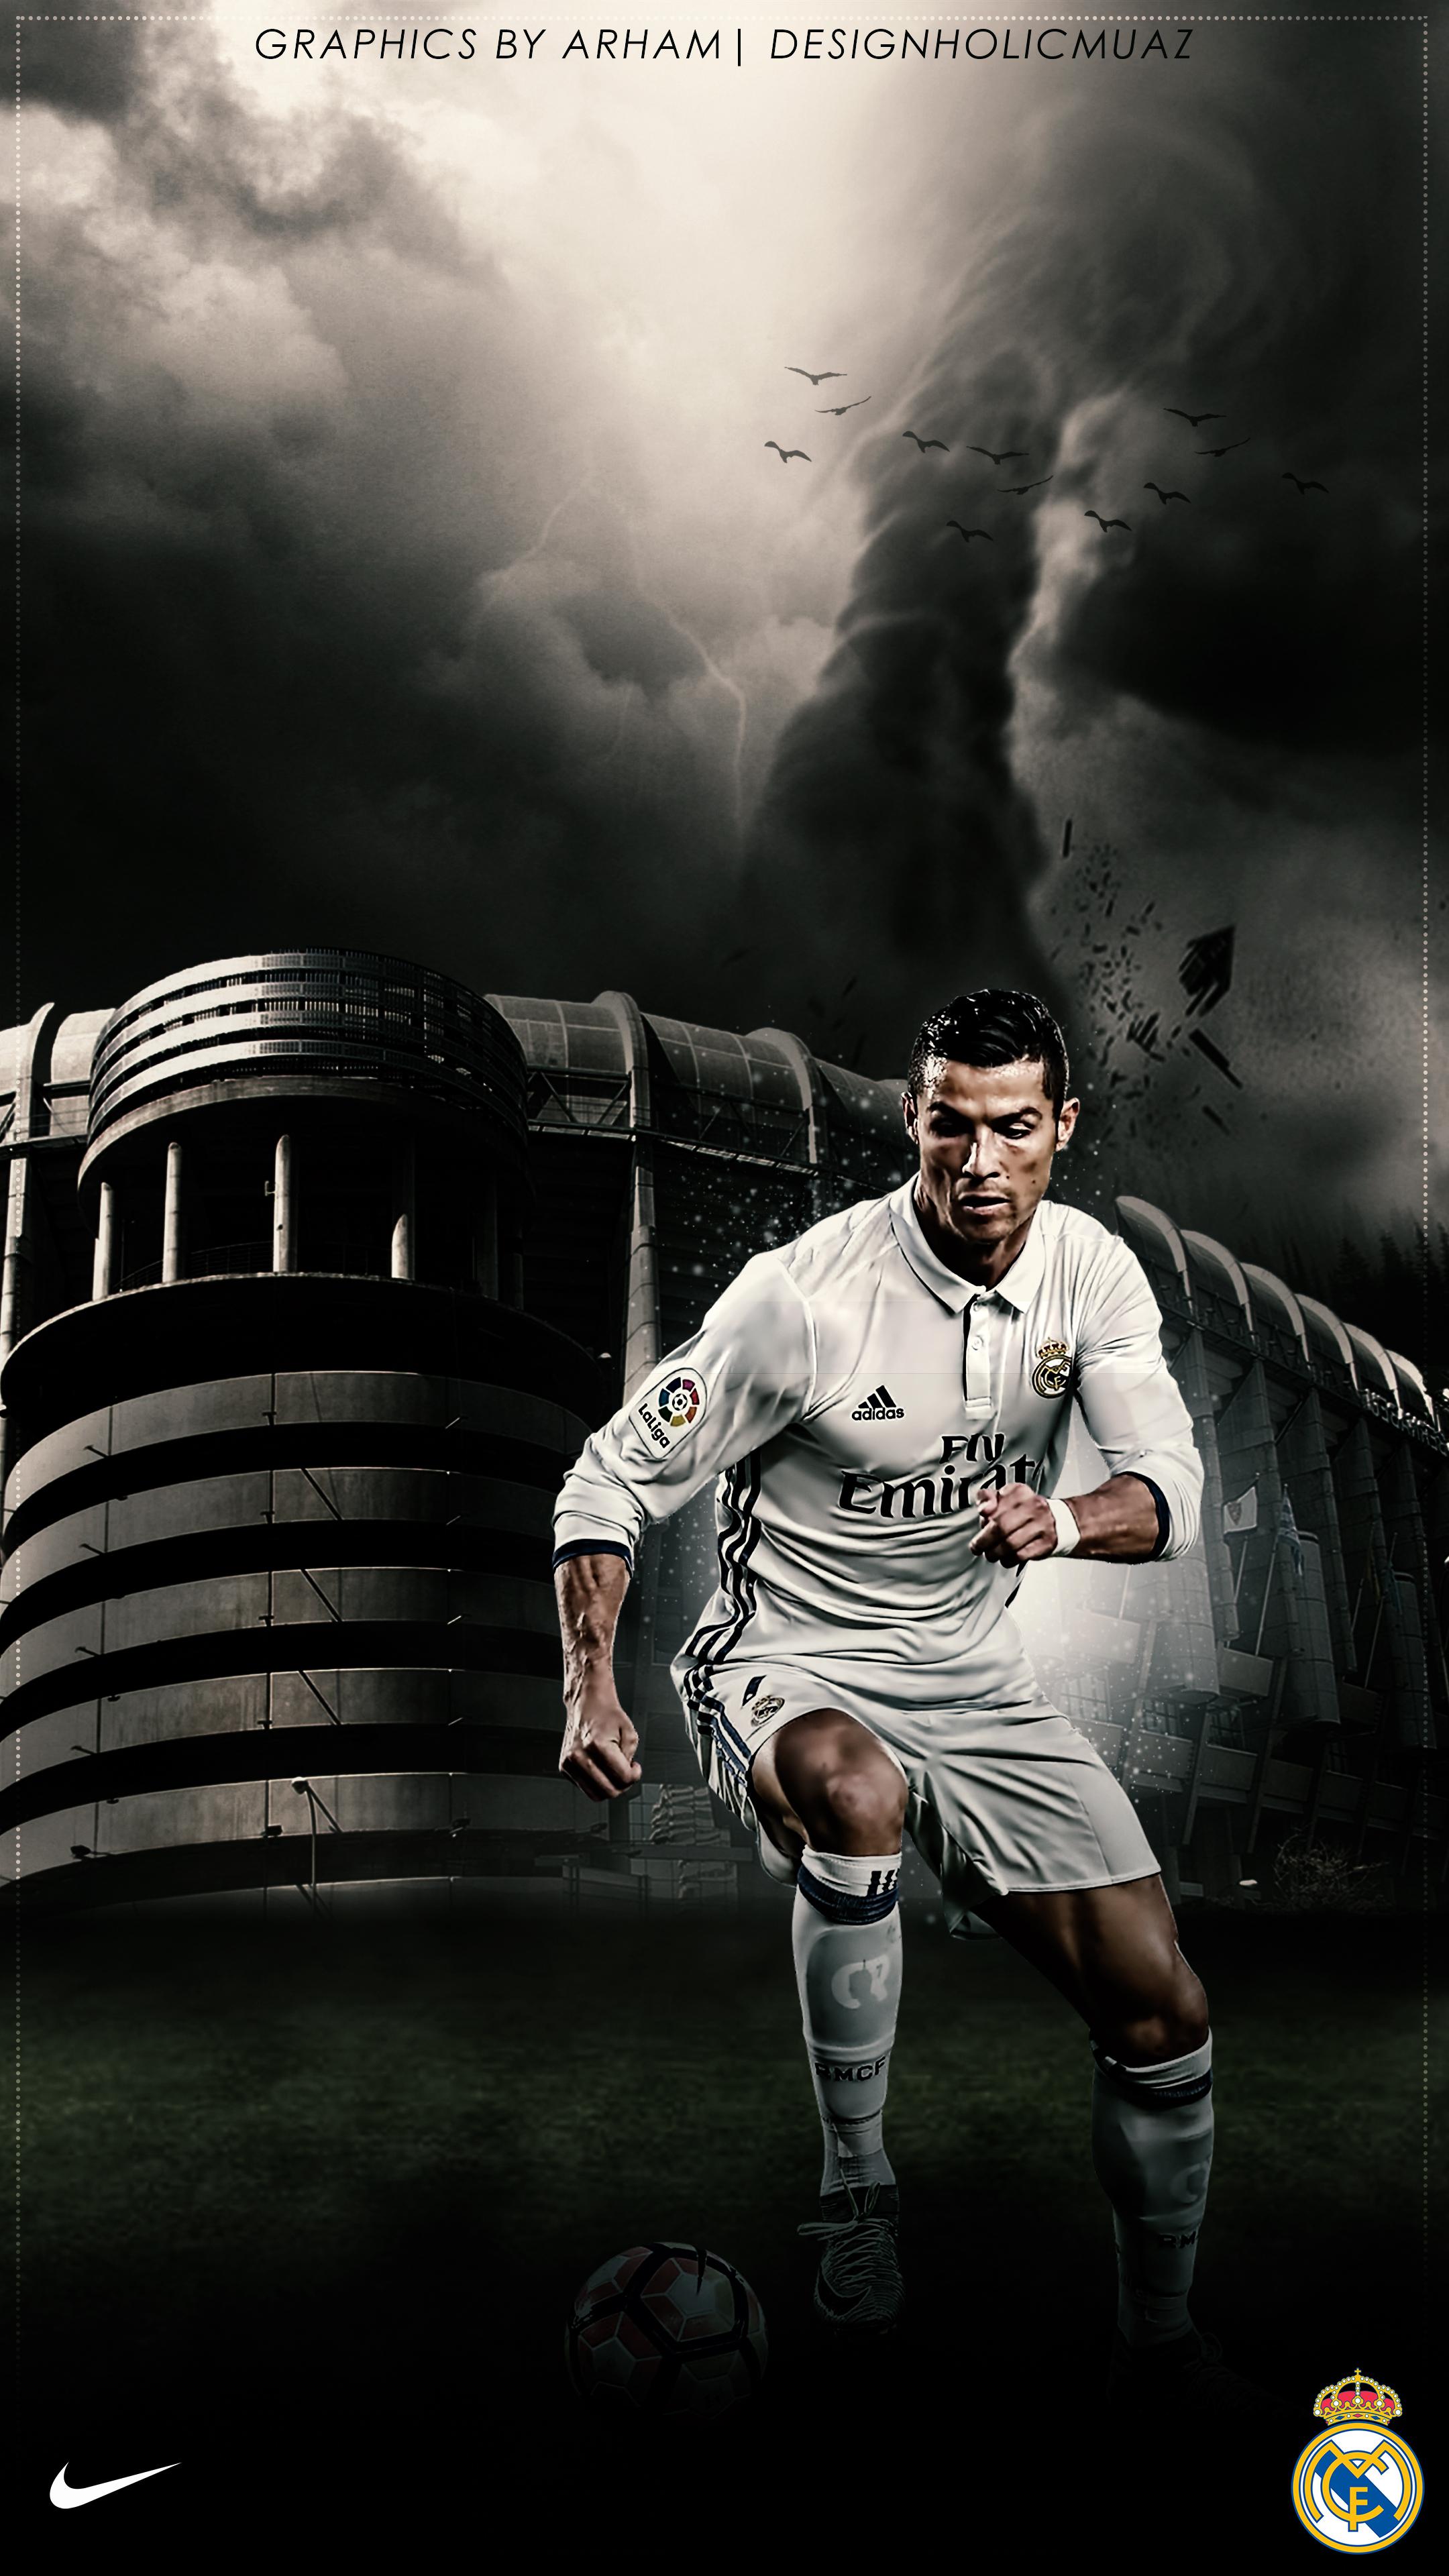 Cristiano Ronaldo Real Madrid Wallpaper By Muajbinanwar On Deviantart